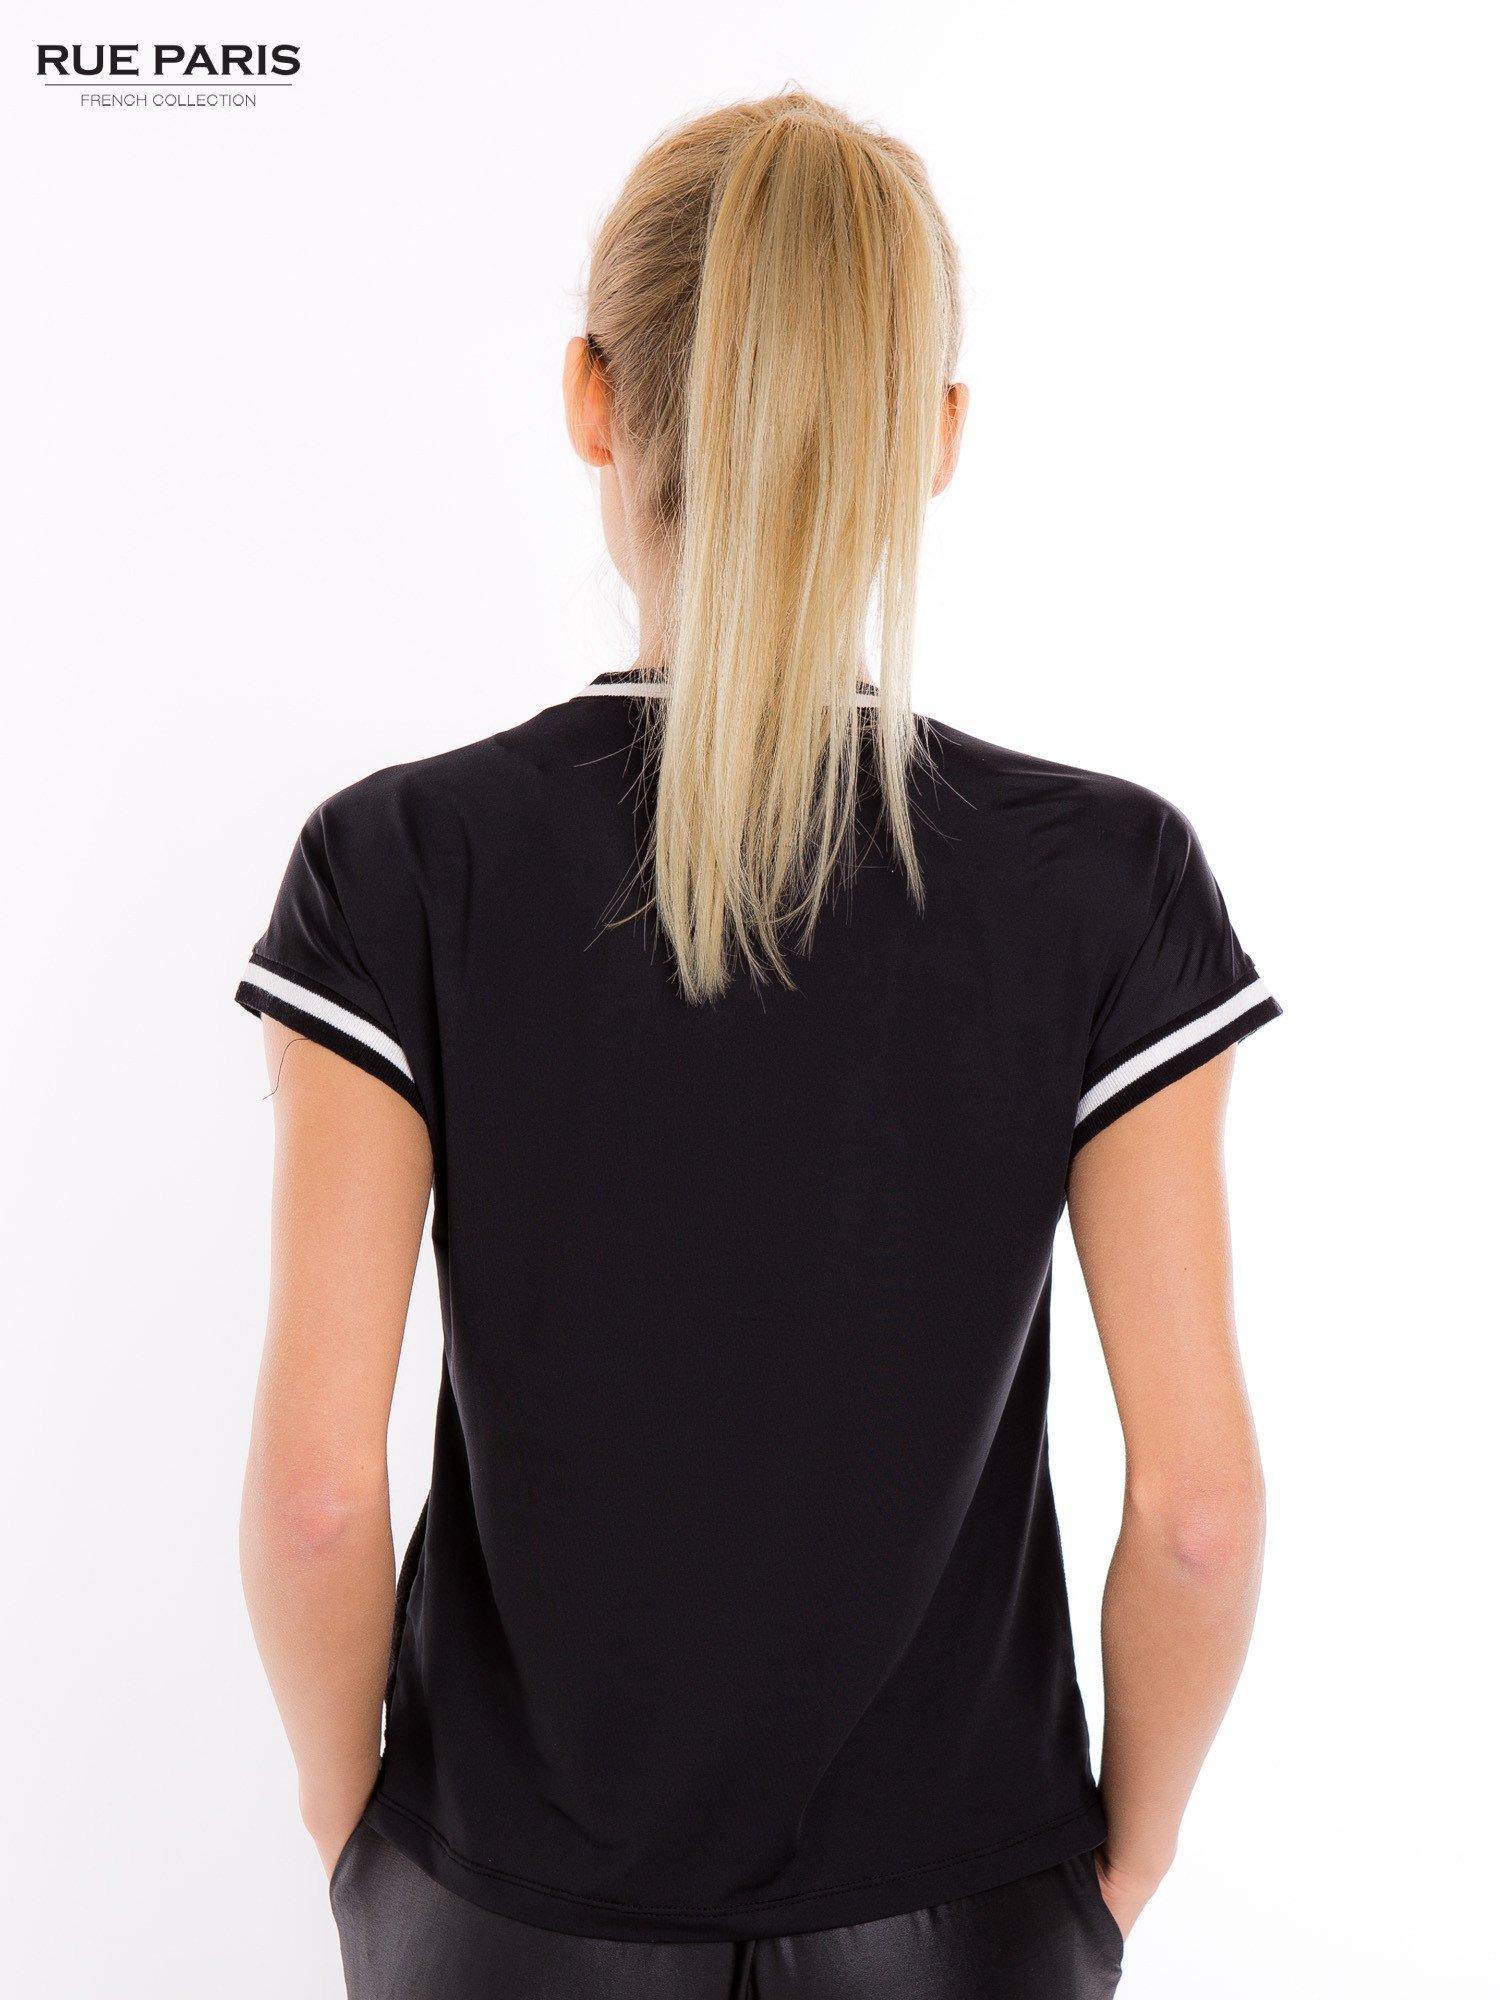 Czarny t-shirt w stylu tenis chic                                  zdj.                                  4